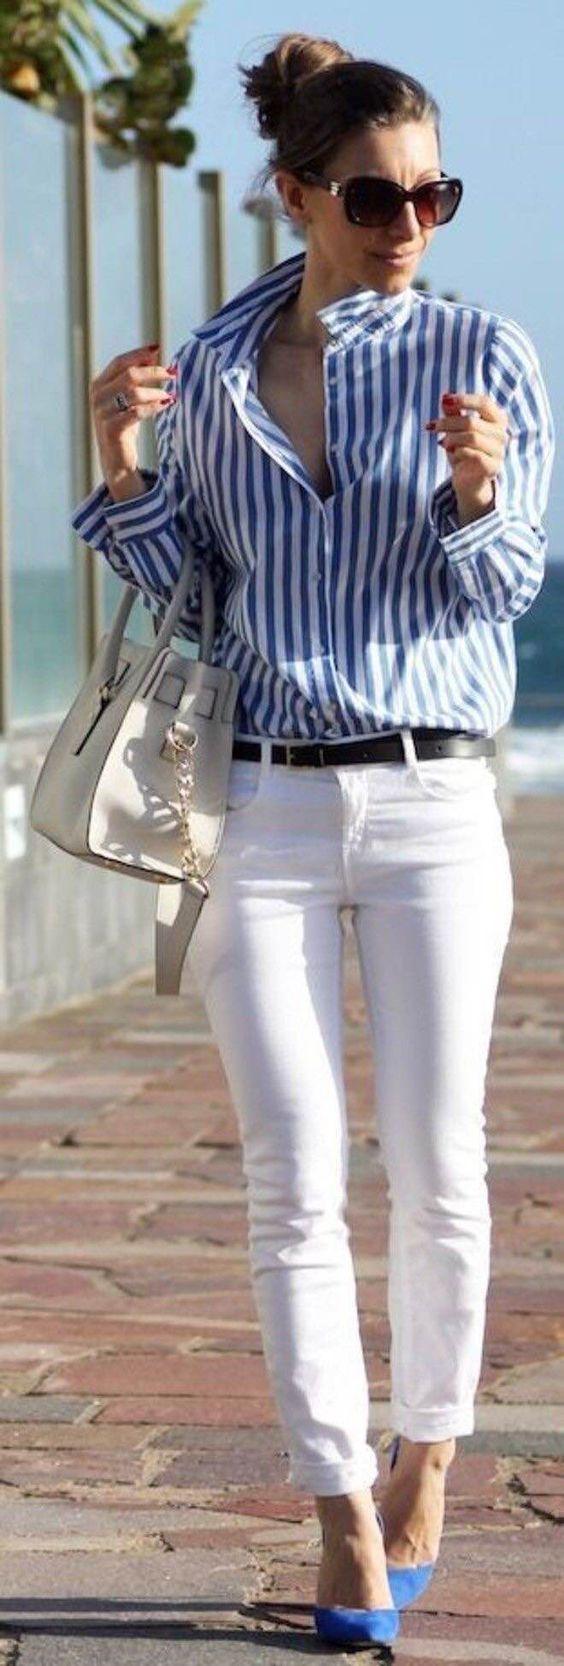 Porque nós amamos uma camisa listrada! Outro item para ter sempre por perto! .. use com calça branca e cinto preto. Eu trocaria o Scarpin azul por um modelo nude ou mesmo uma sandália nesse mesmo tom! Esse modelo de camisa é perfeito e curinga - http://buyerandbrand.com.br/mododeusarmoda/?bi=2mLM11s E aqui tem Skinny perfeita - http://buyerandbrand.com.br/mododeusarmoda/?bi=2vHWKAg